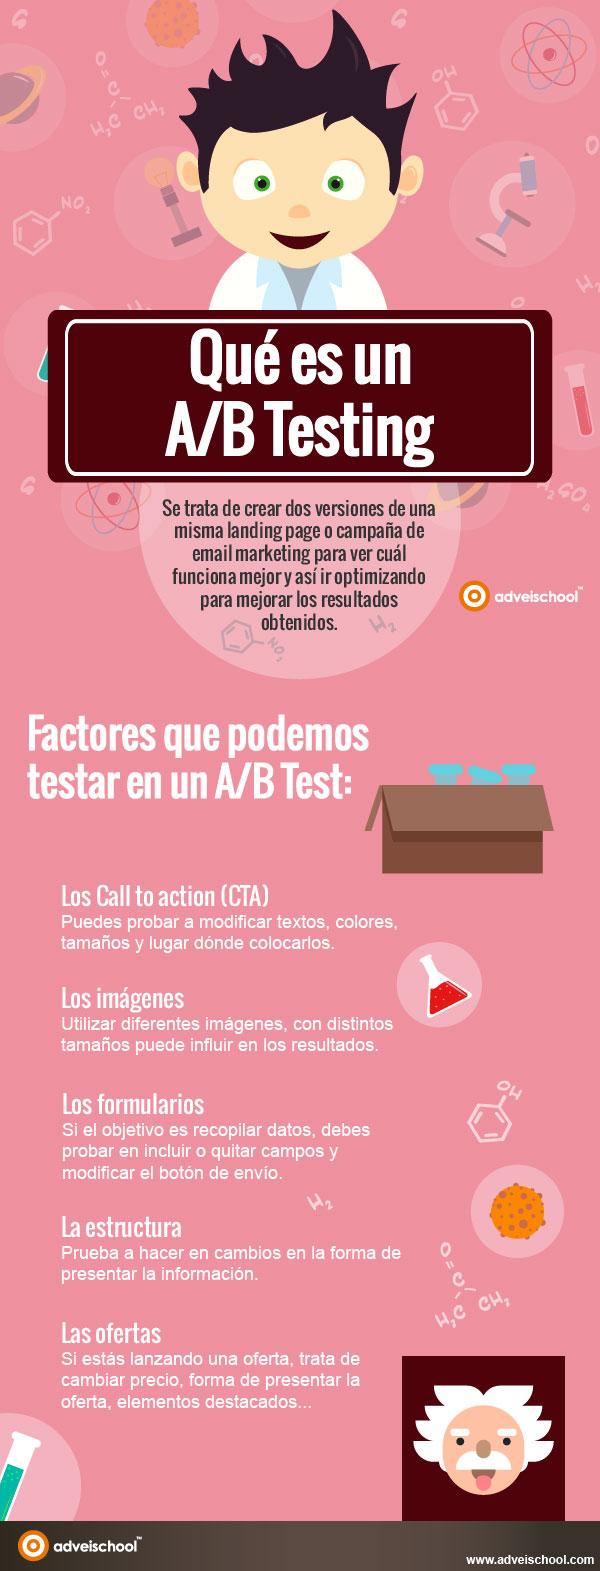 Qué es un A/B Testing